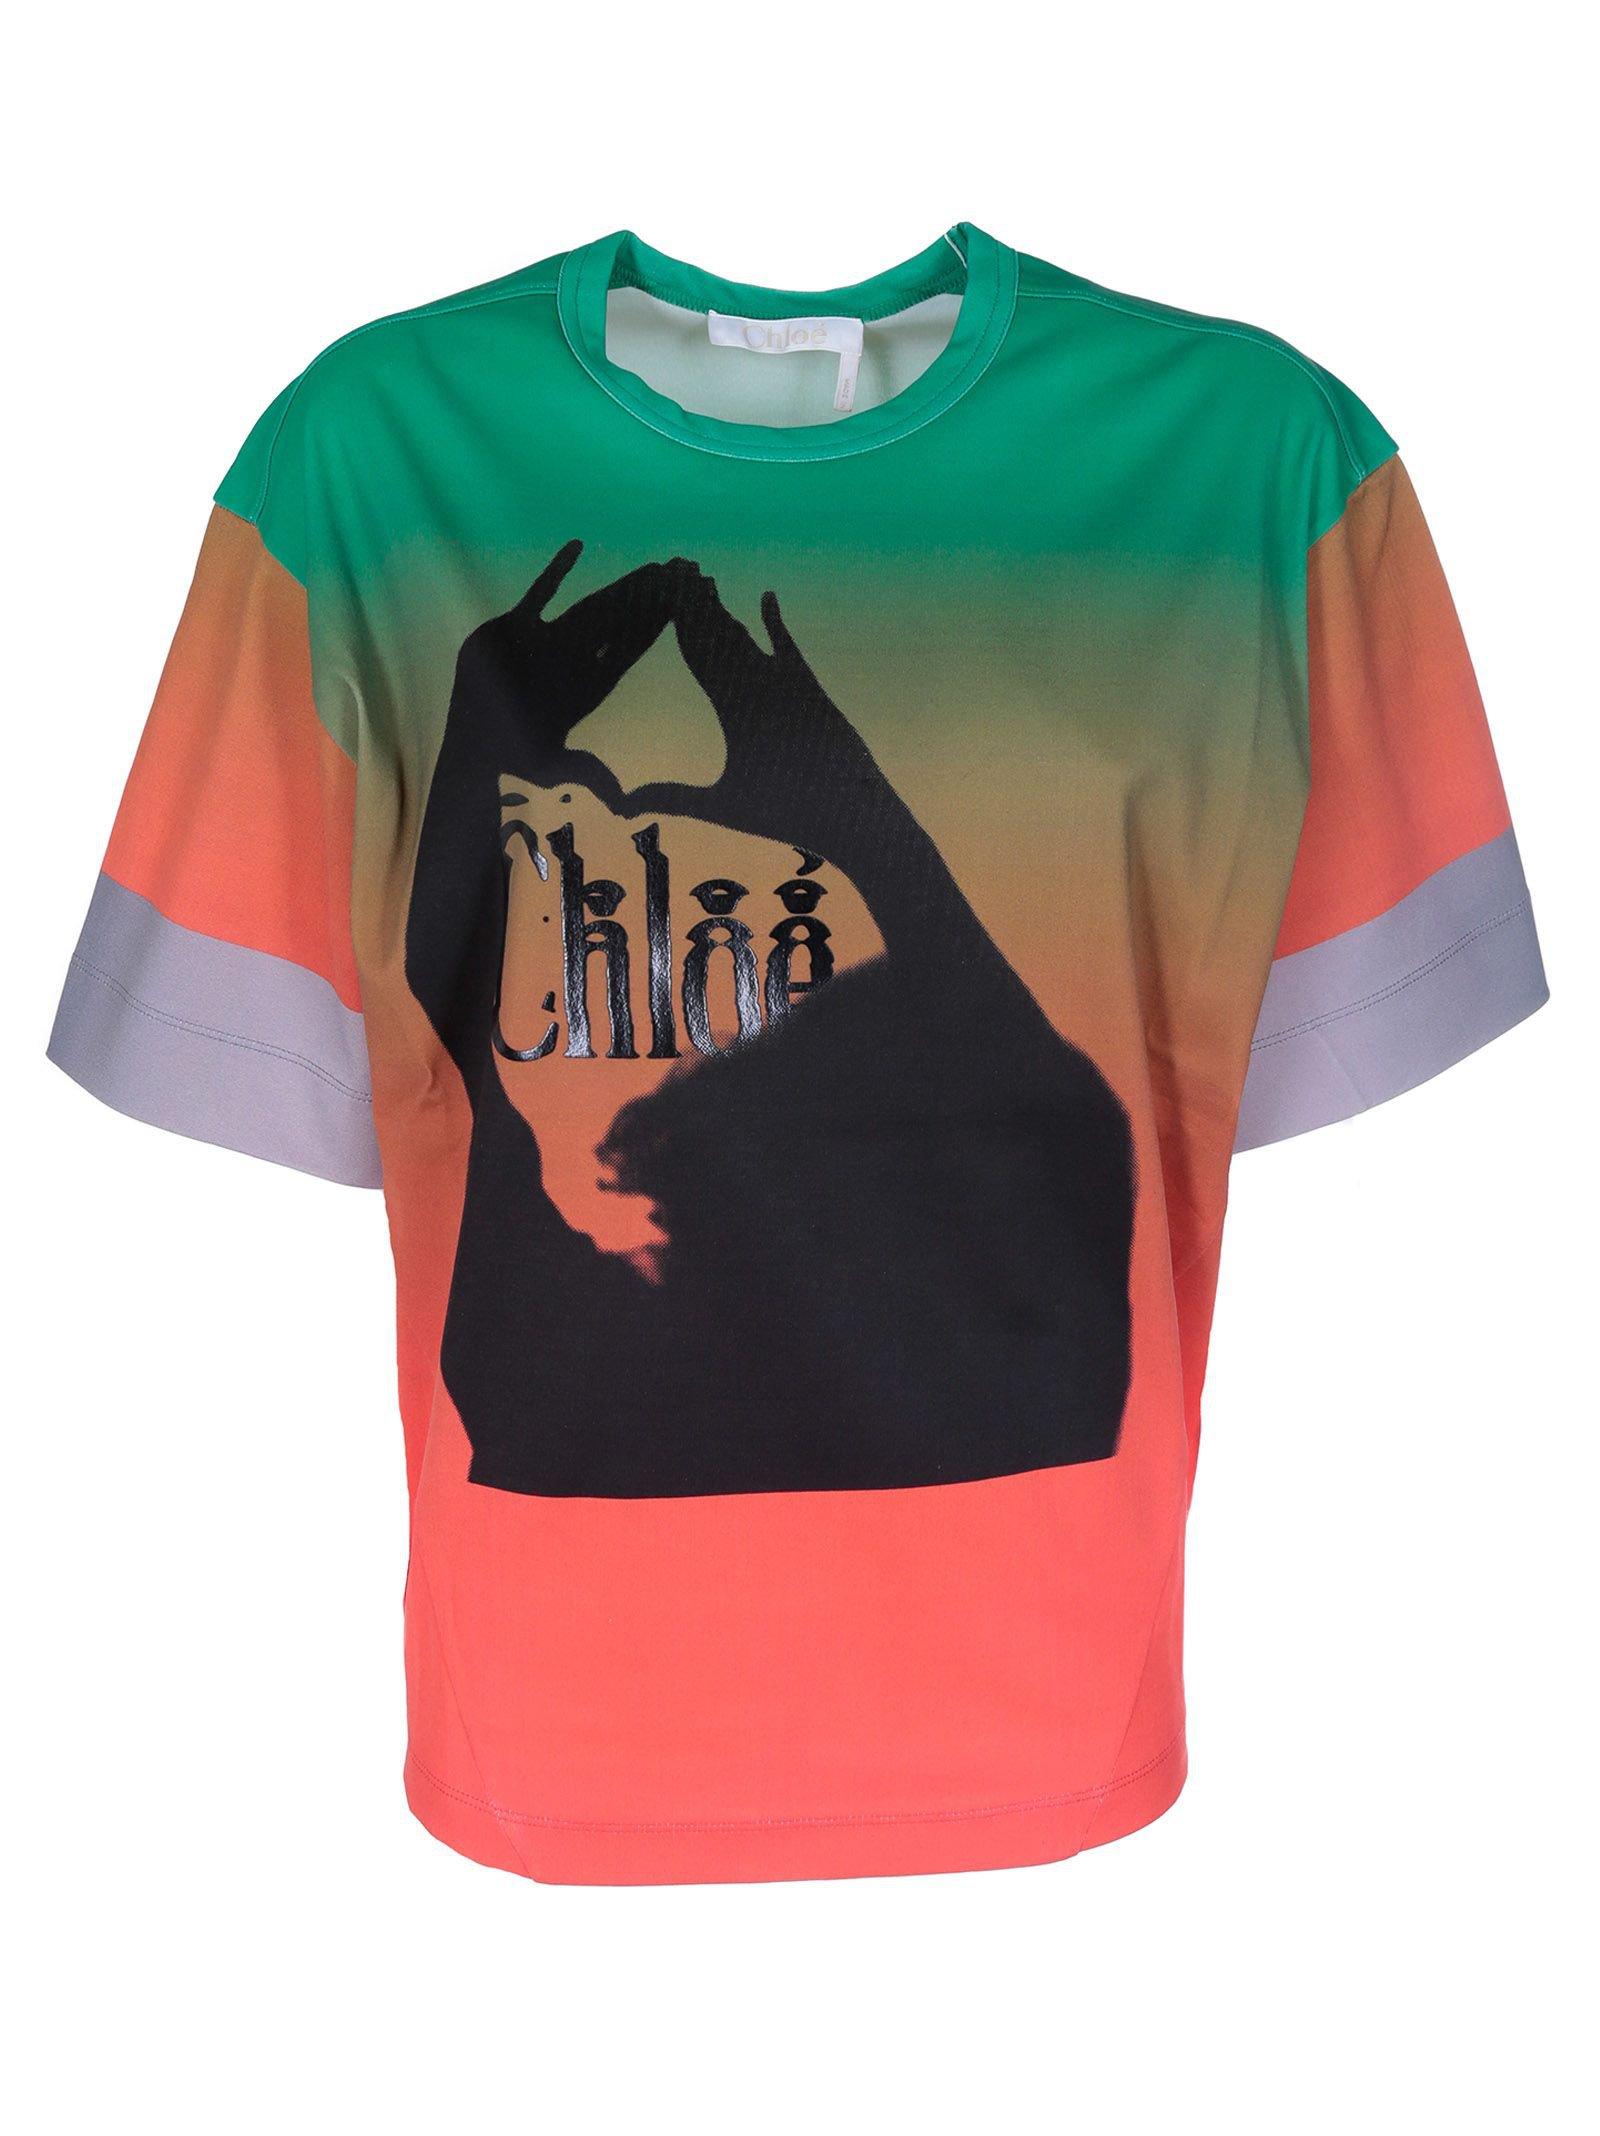 Chloé Logo Print T-shirt